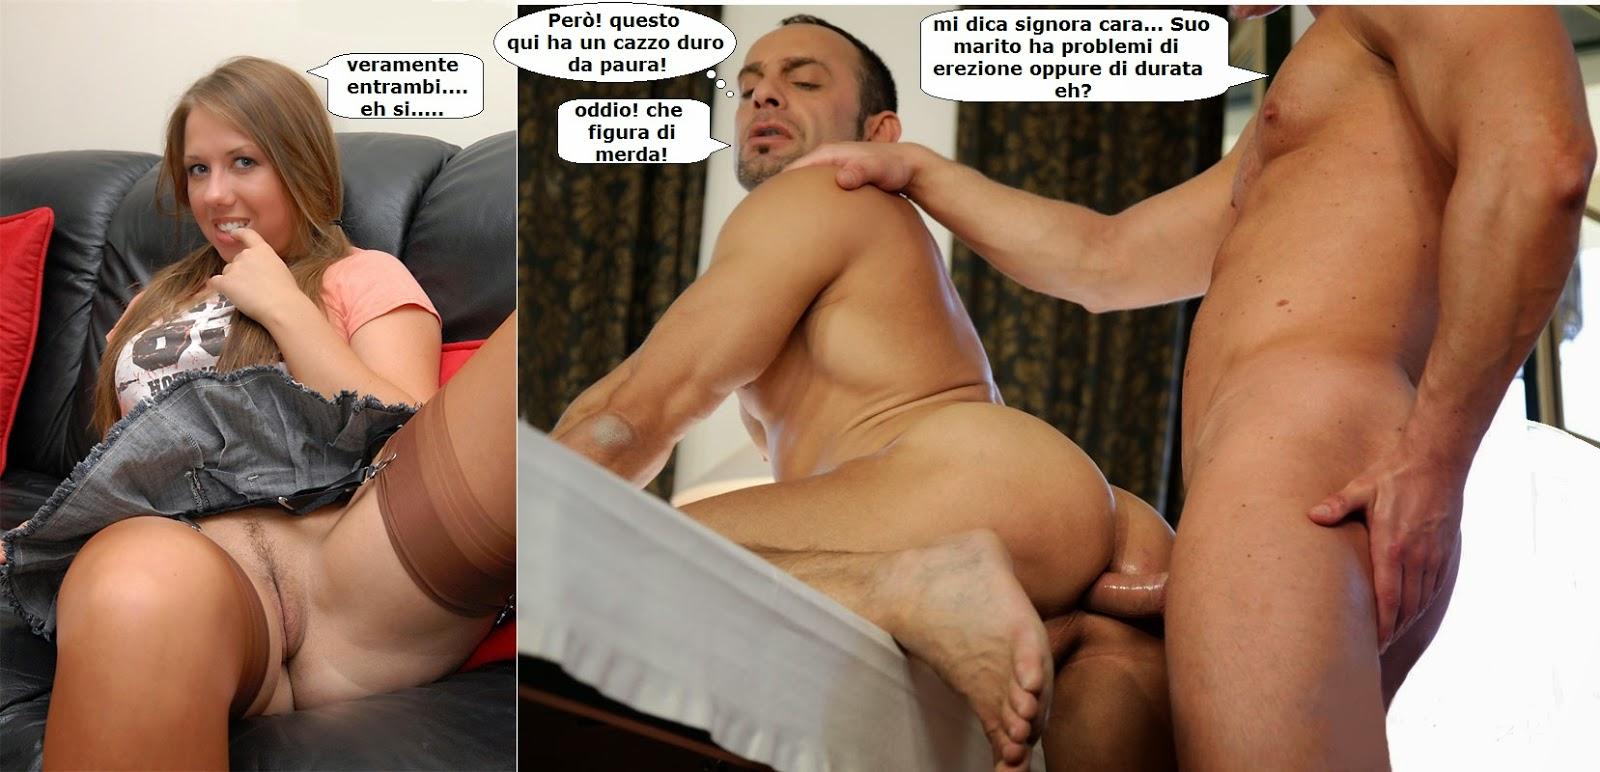 gay romeo beta italia gay video